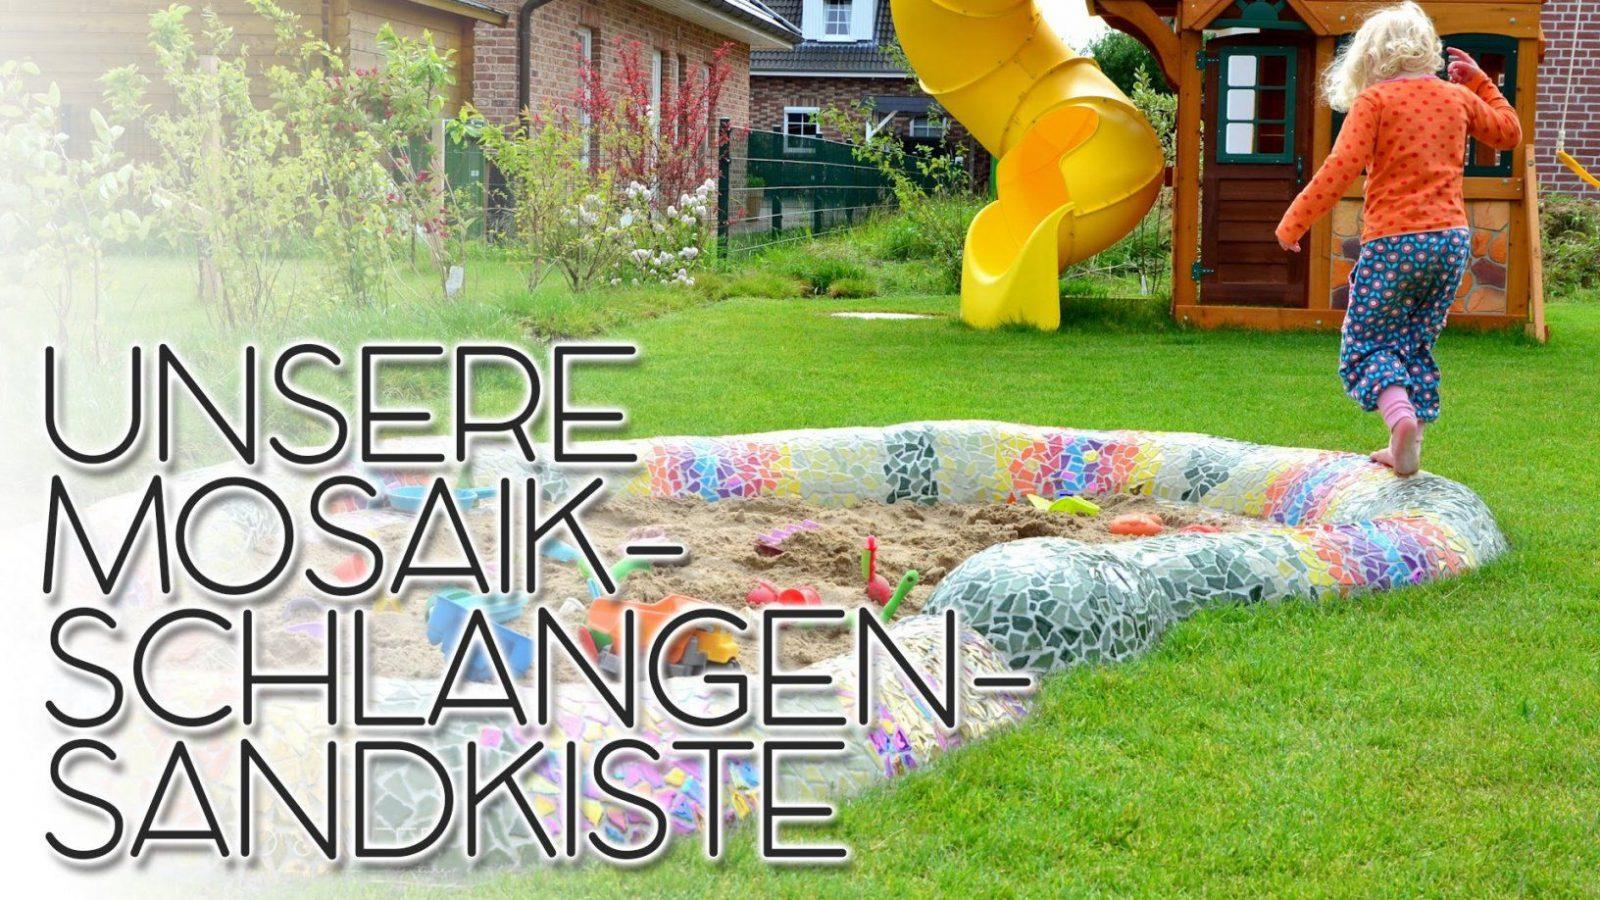 Unsere Mosaikschlangensandkiste  Mosaik Im Garten Selbermachen von Mosaik Im Garten Selber Machen Photo